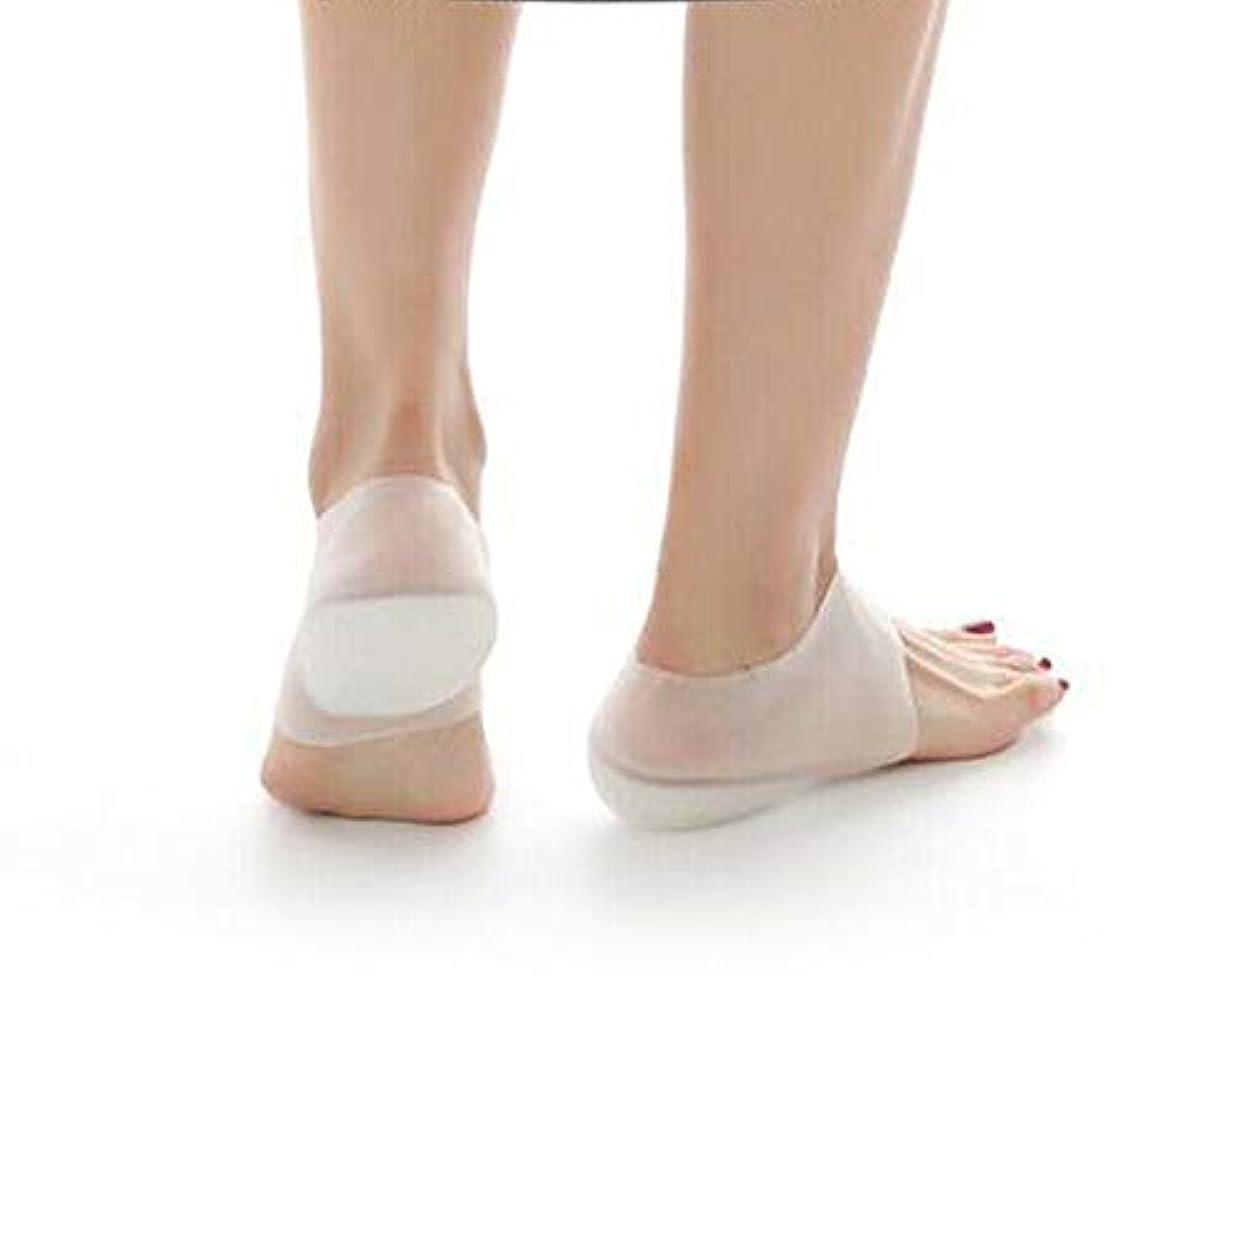 ラケット手書き促進するBesttoy見えない高めのヒールパッド、靴下の裏地、3 cm、インソールの追加、痛みの緩和、掃除が簡単、足のバランスと足の強度の改善、衝撃吸収、スリップと減圧、再利用可能と調整可能、女性男性